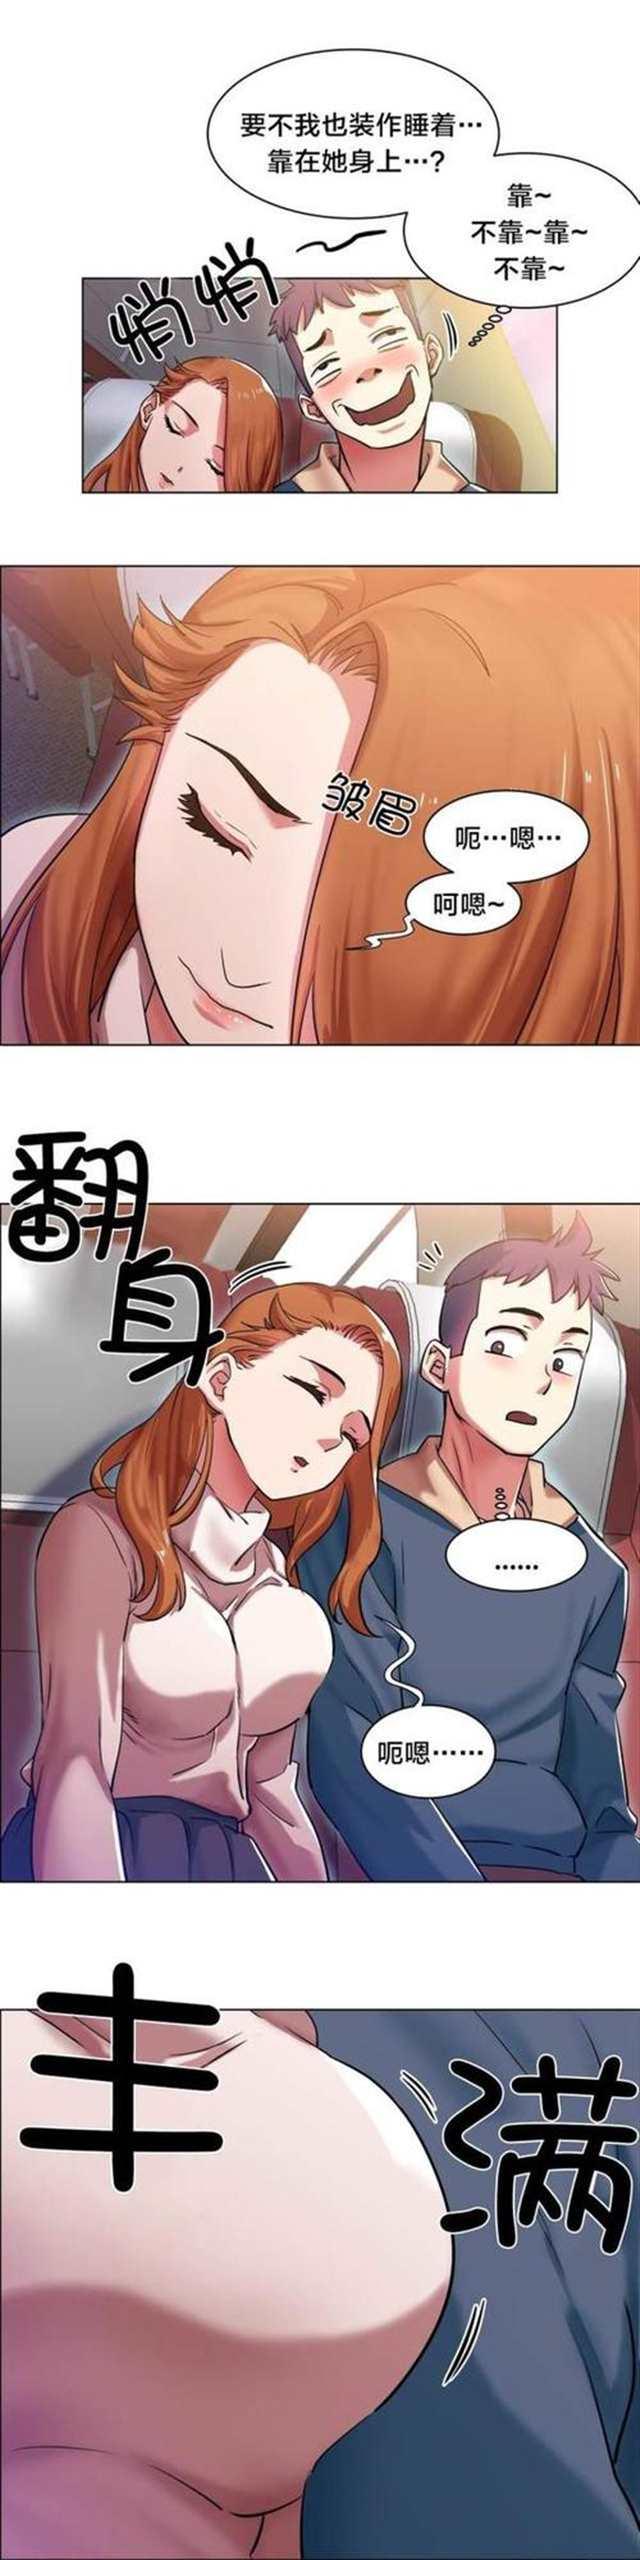 韩漫三姐妹漫画全集(点击浏览下一张趣图)